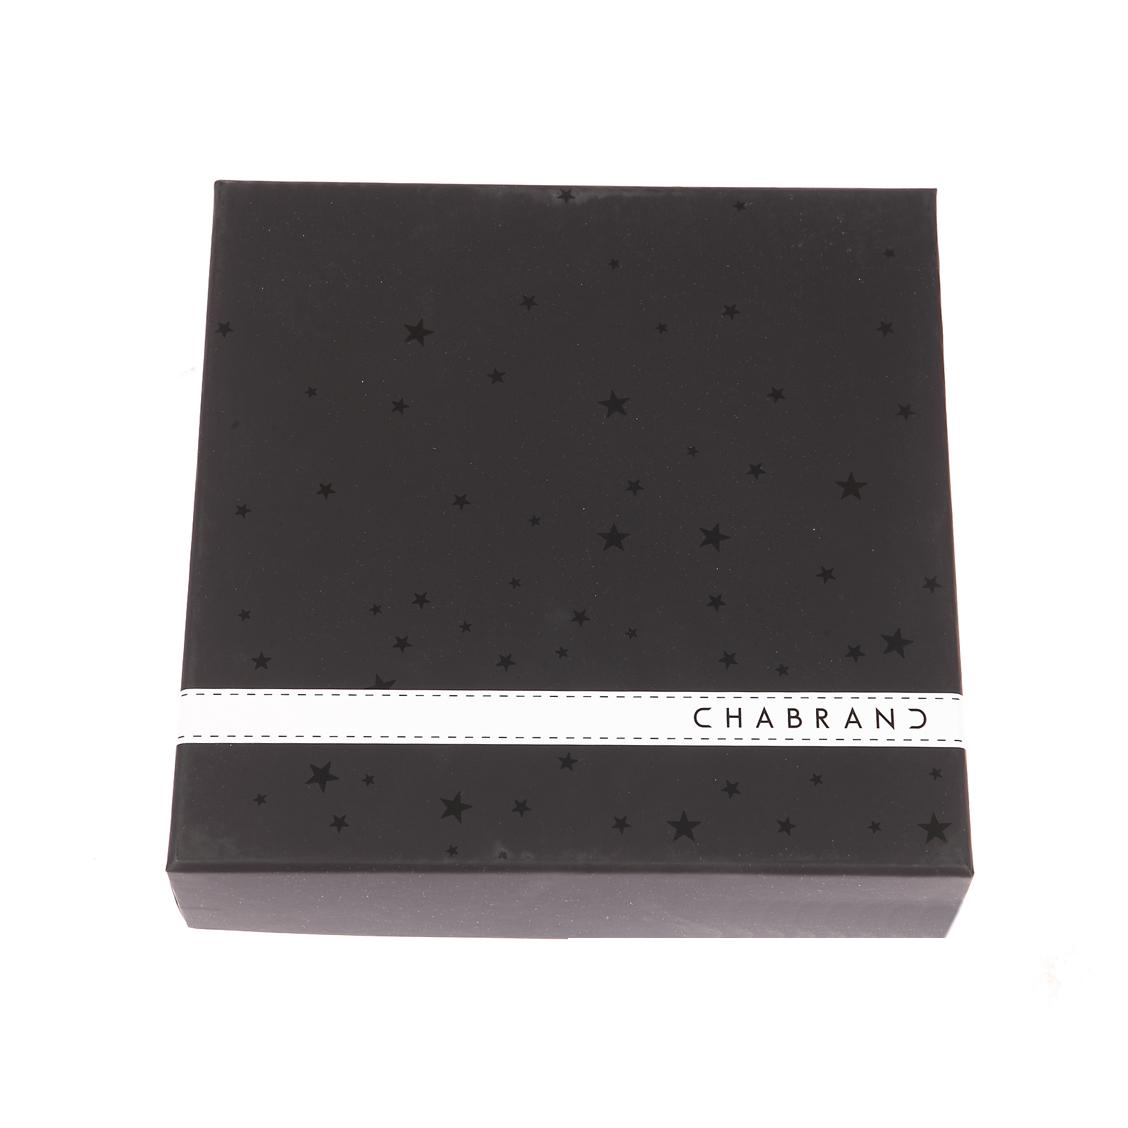 Coffret cadeau Chabrand : Ceinture ajustable en cuir noir réversible marron à boucle classique et pleine noire